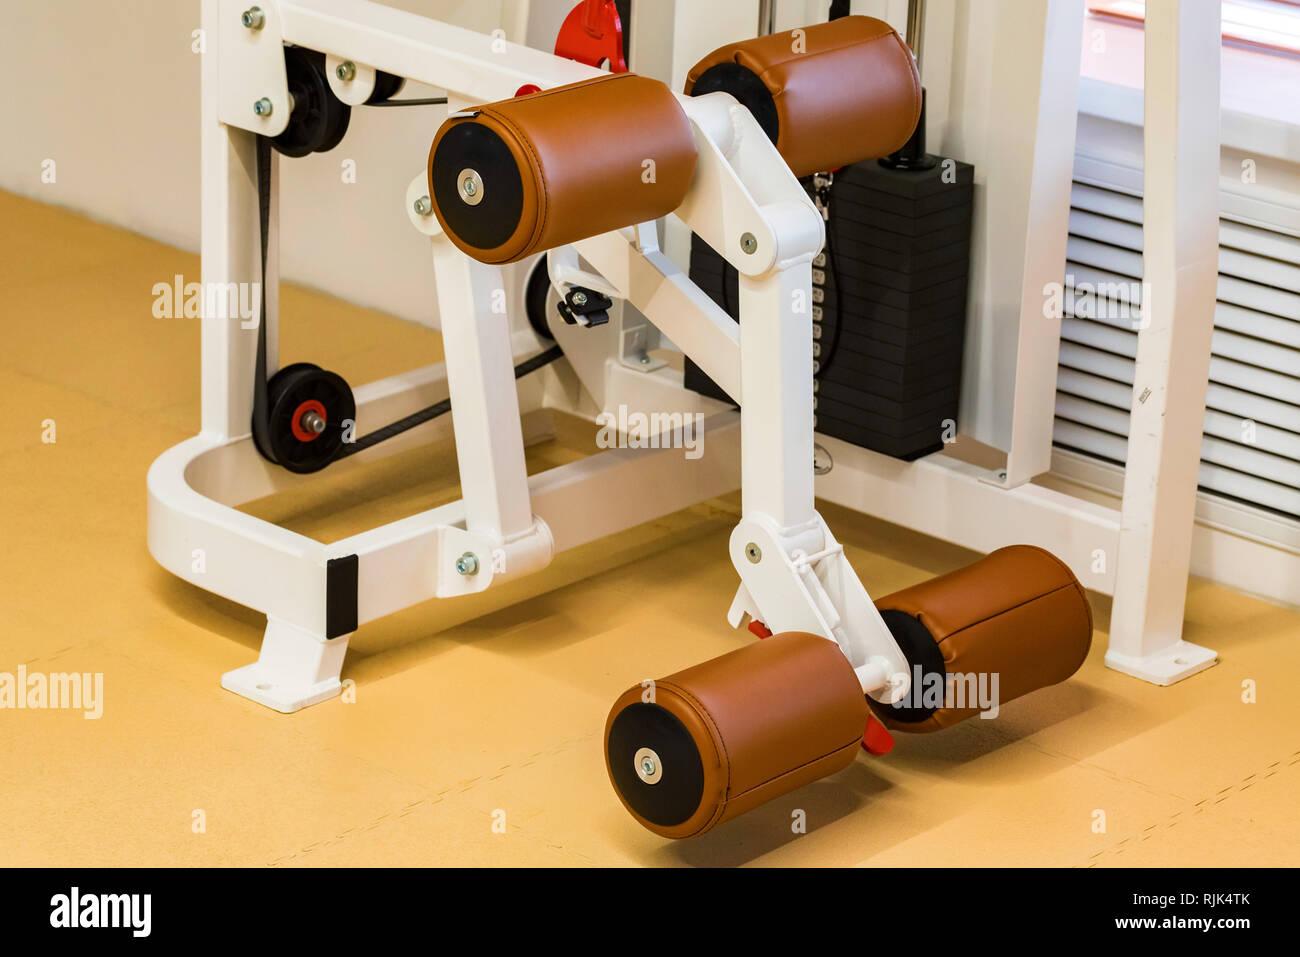 Courbe de jambe vide machine d'exercice dans une salle de sport moderne Photo Stock